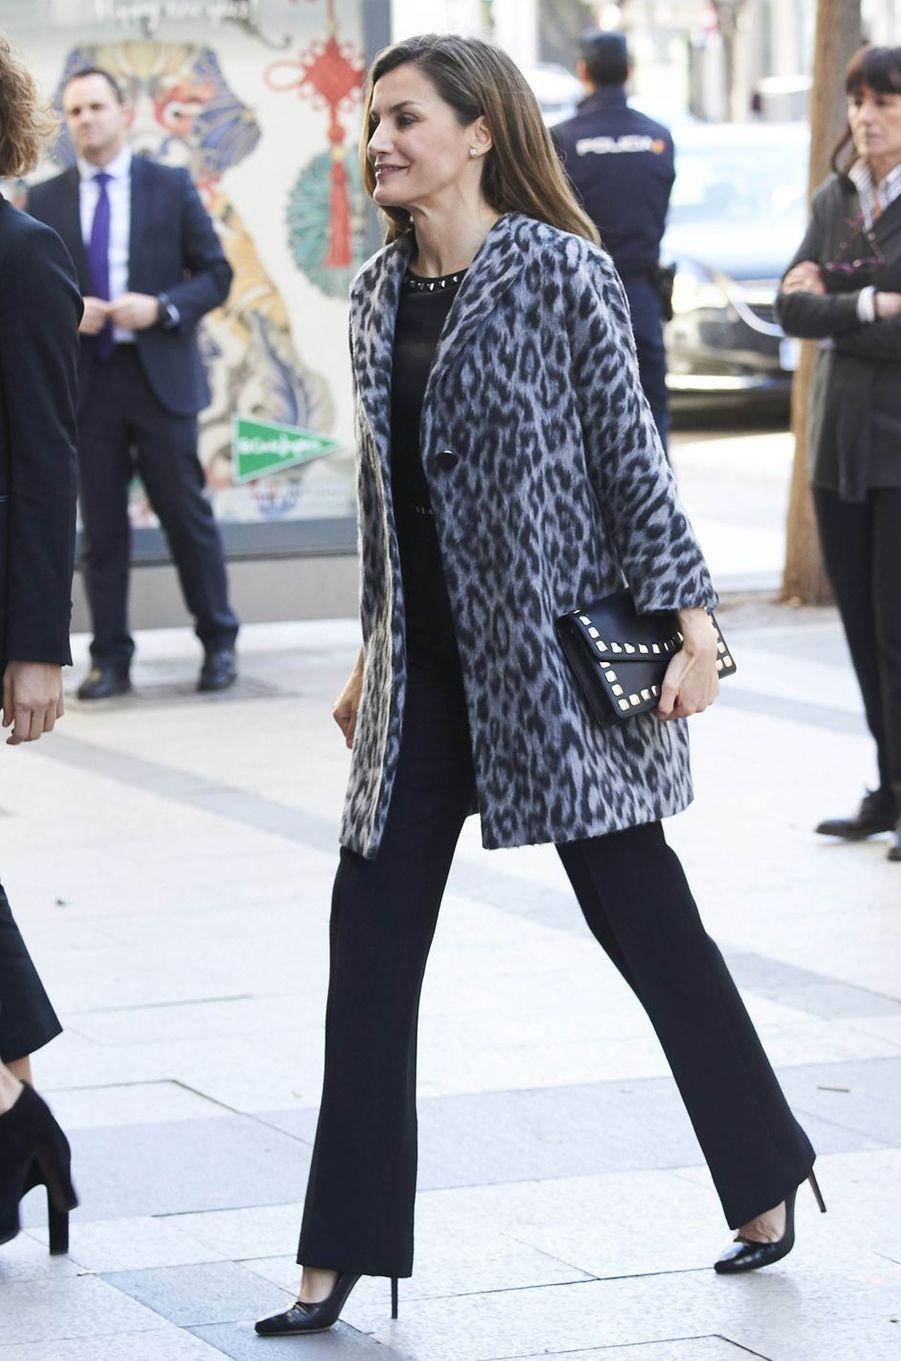 La reine Letizia d'Espagne dans un manteau léopard à Madrid, le 21 février 2018